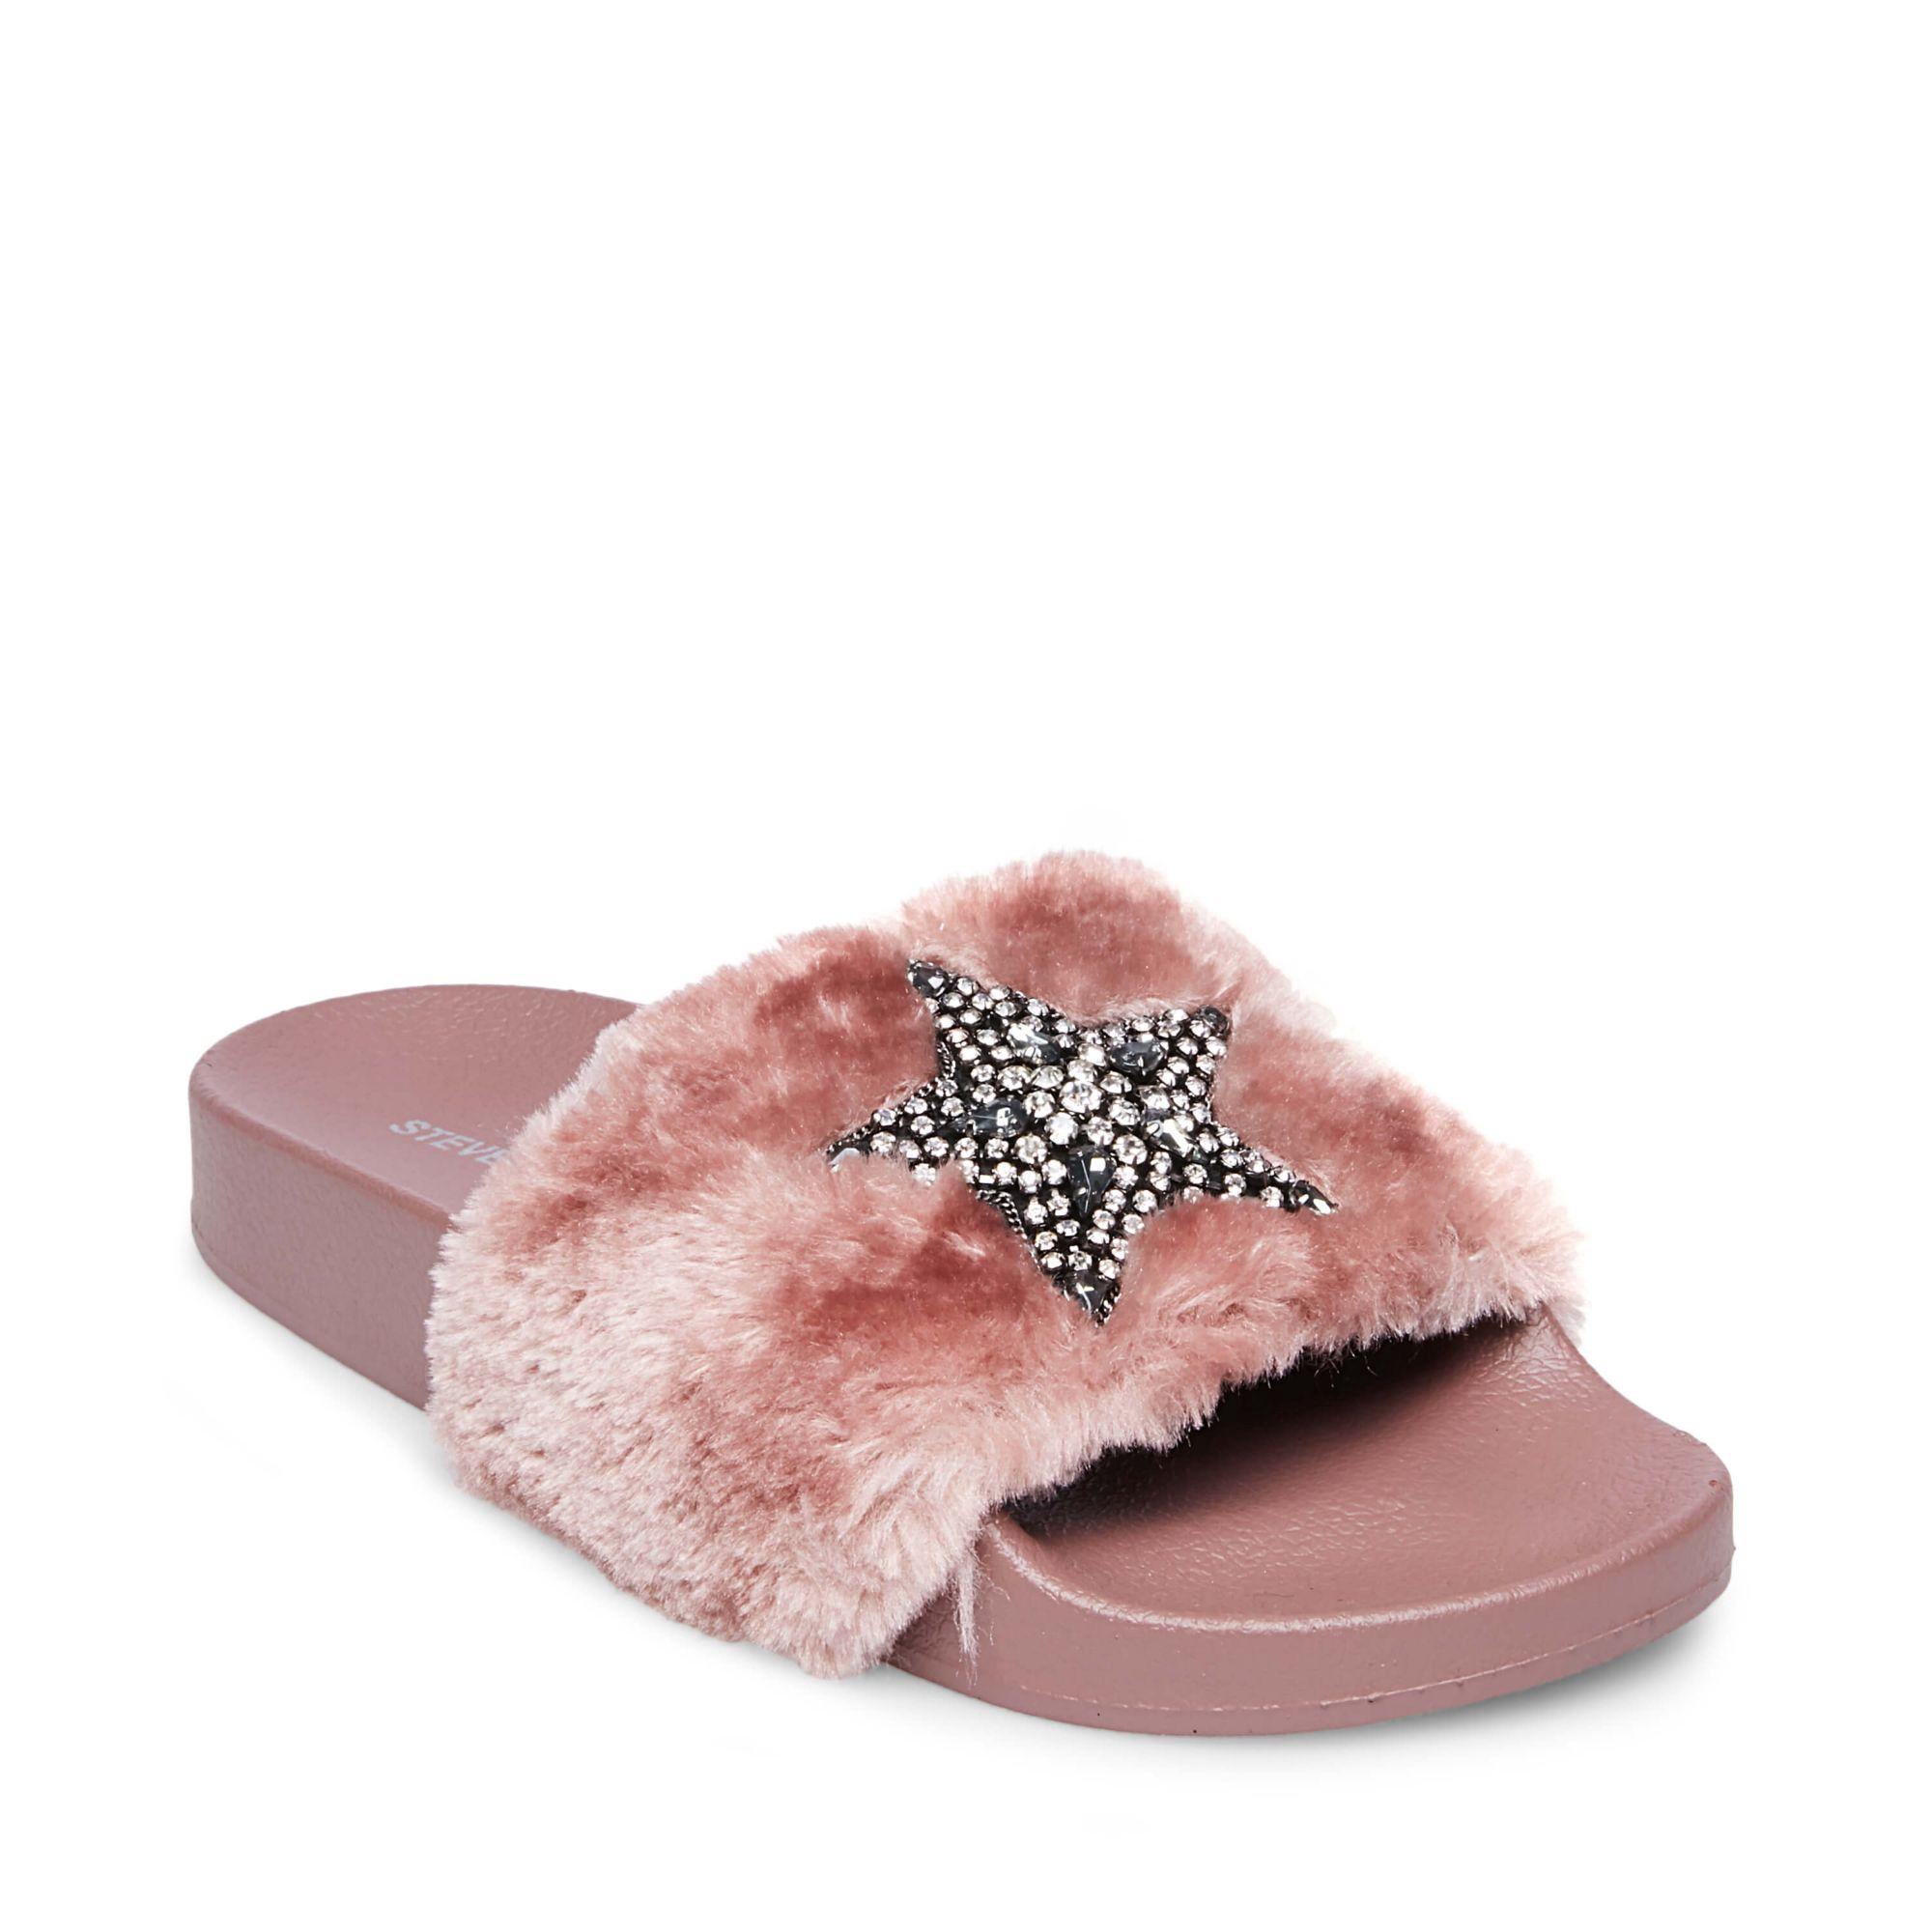 60a79054685 STEVE MADDEN SHIMMER.  stevemadden  shoes